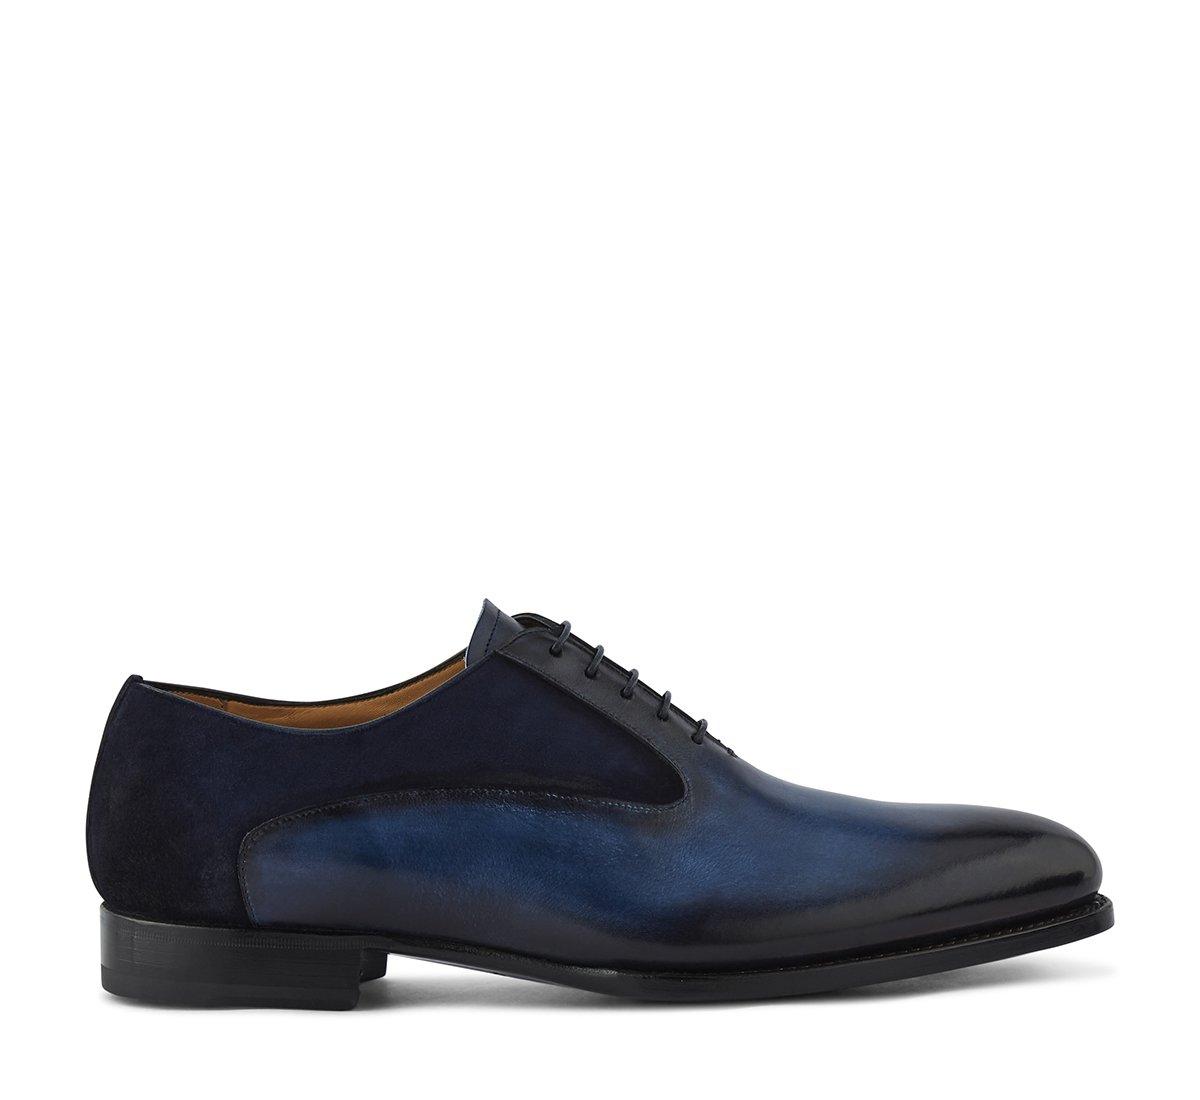 Туфли на шнуровке Flex Goodyear из телячьей кожи